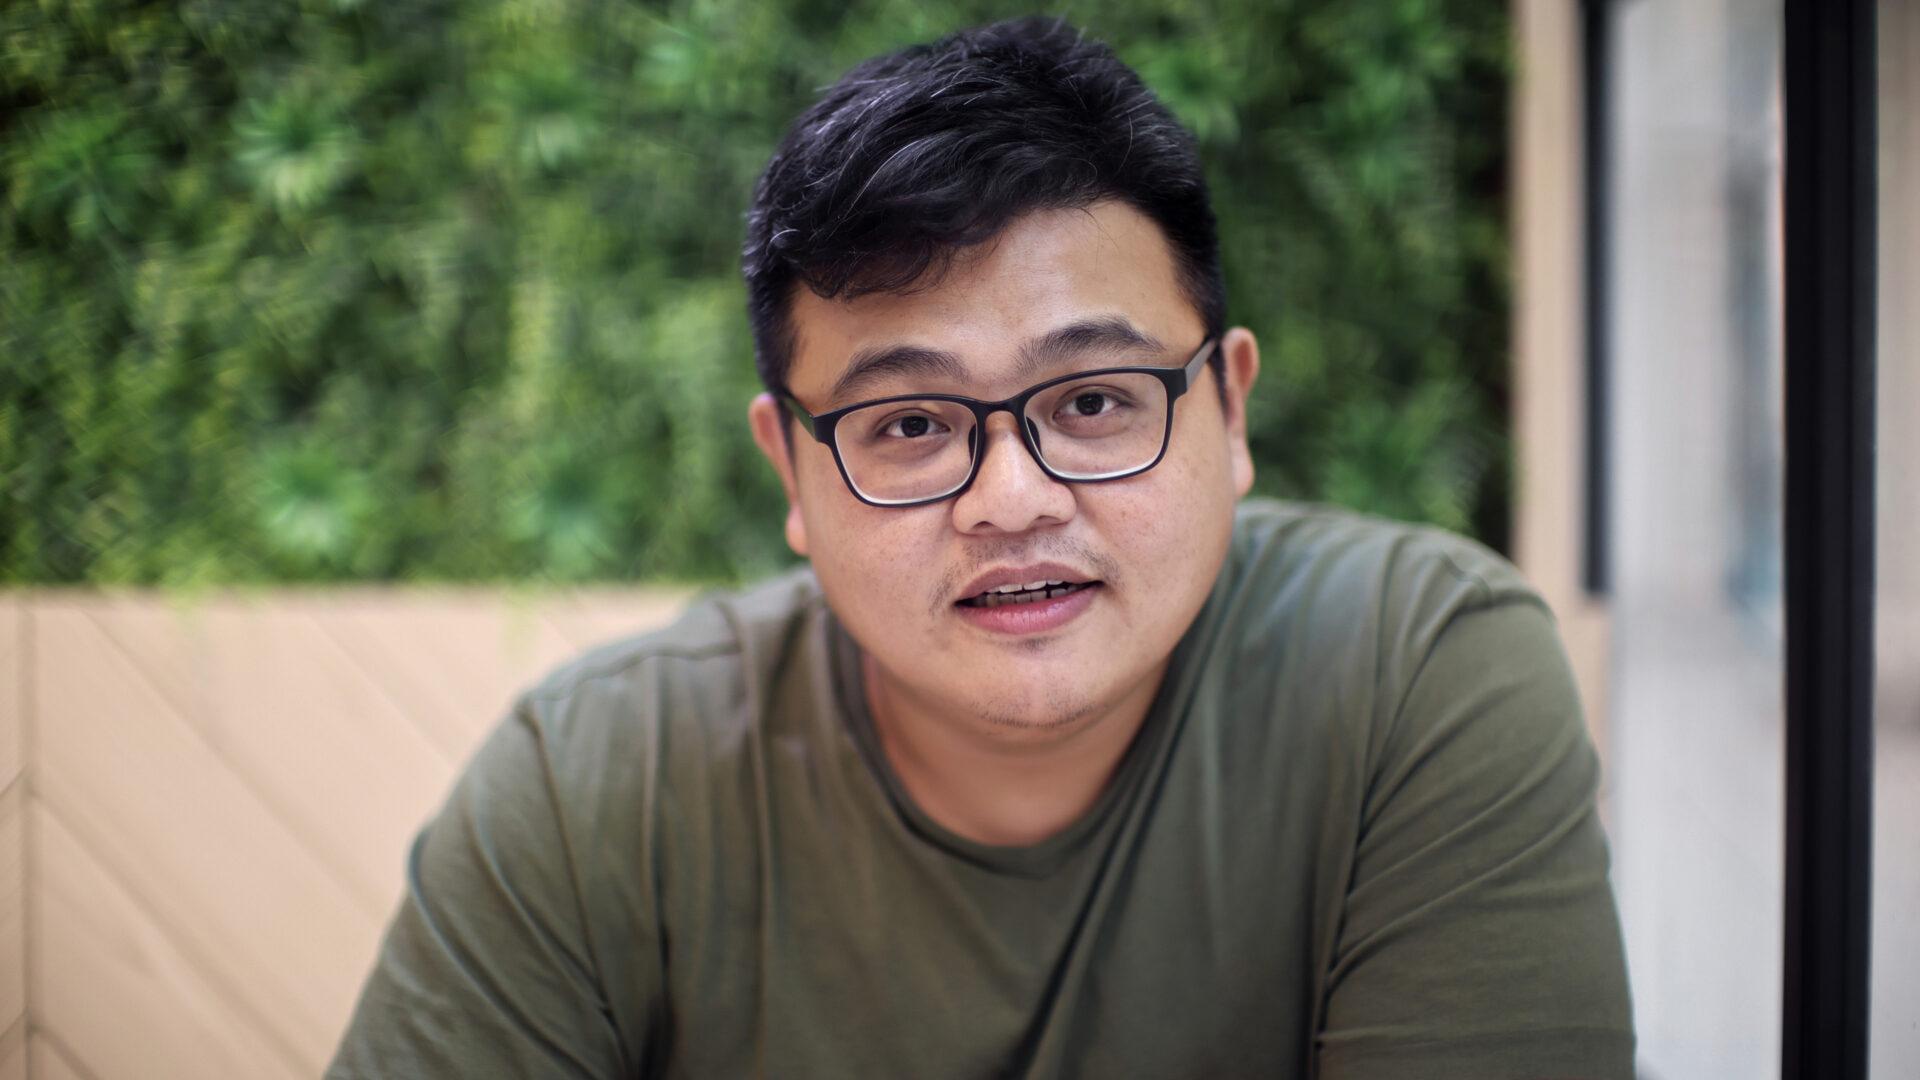 We Jun @ John Cho